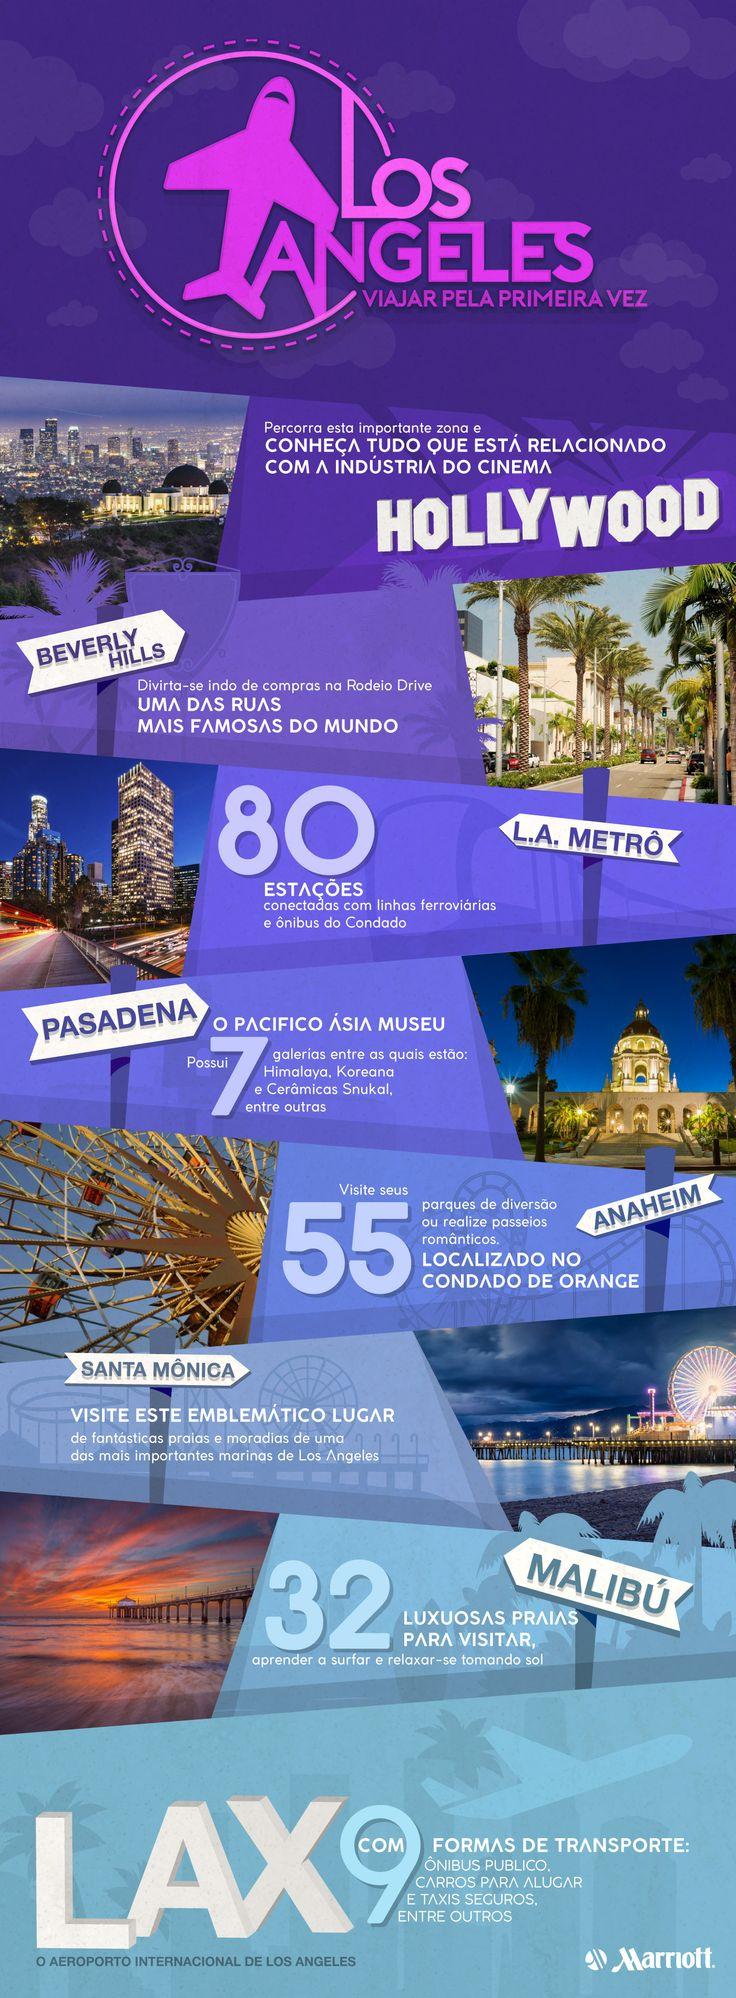 Prepare-se bem para conhecer a capital mundial da diversão com nossa infografia na qual te dará, desde dados utéis como transporte na cidade, até os lugares que definitivamente deverá visitar se decide viajar a Los Angeles durante suas próximas férias. #Infografia #Viagem #LA #Férias #Marriott #HotéisMarriott #FirstTime #Hollywood #BeverlyHills #Malibu